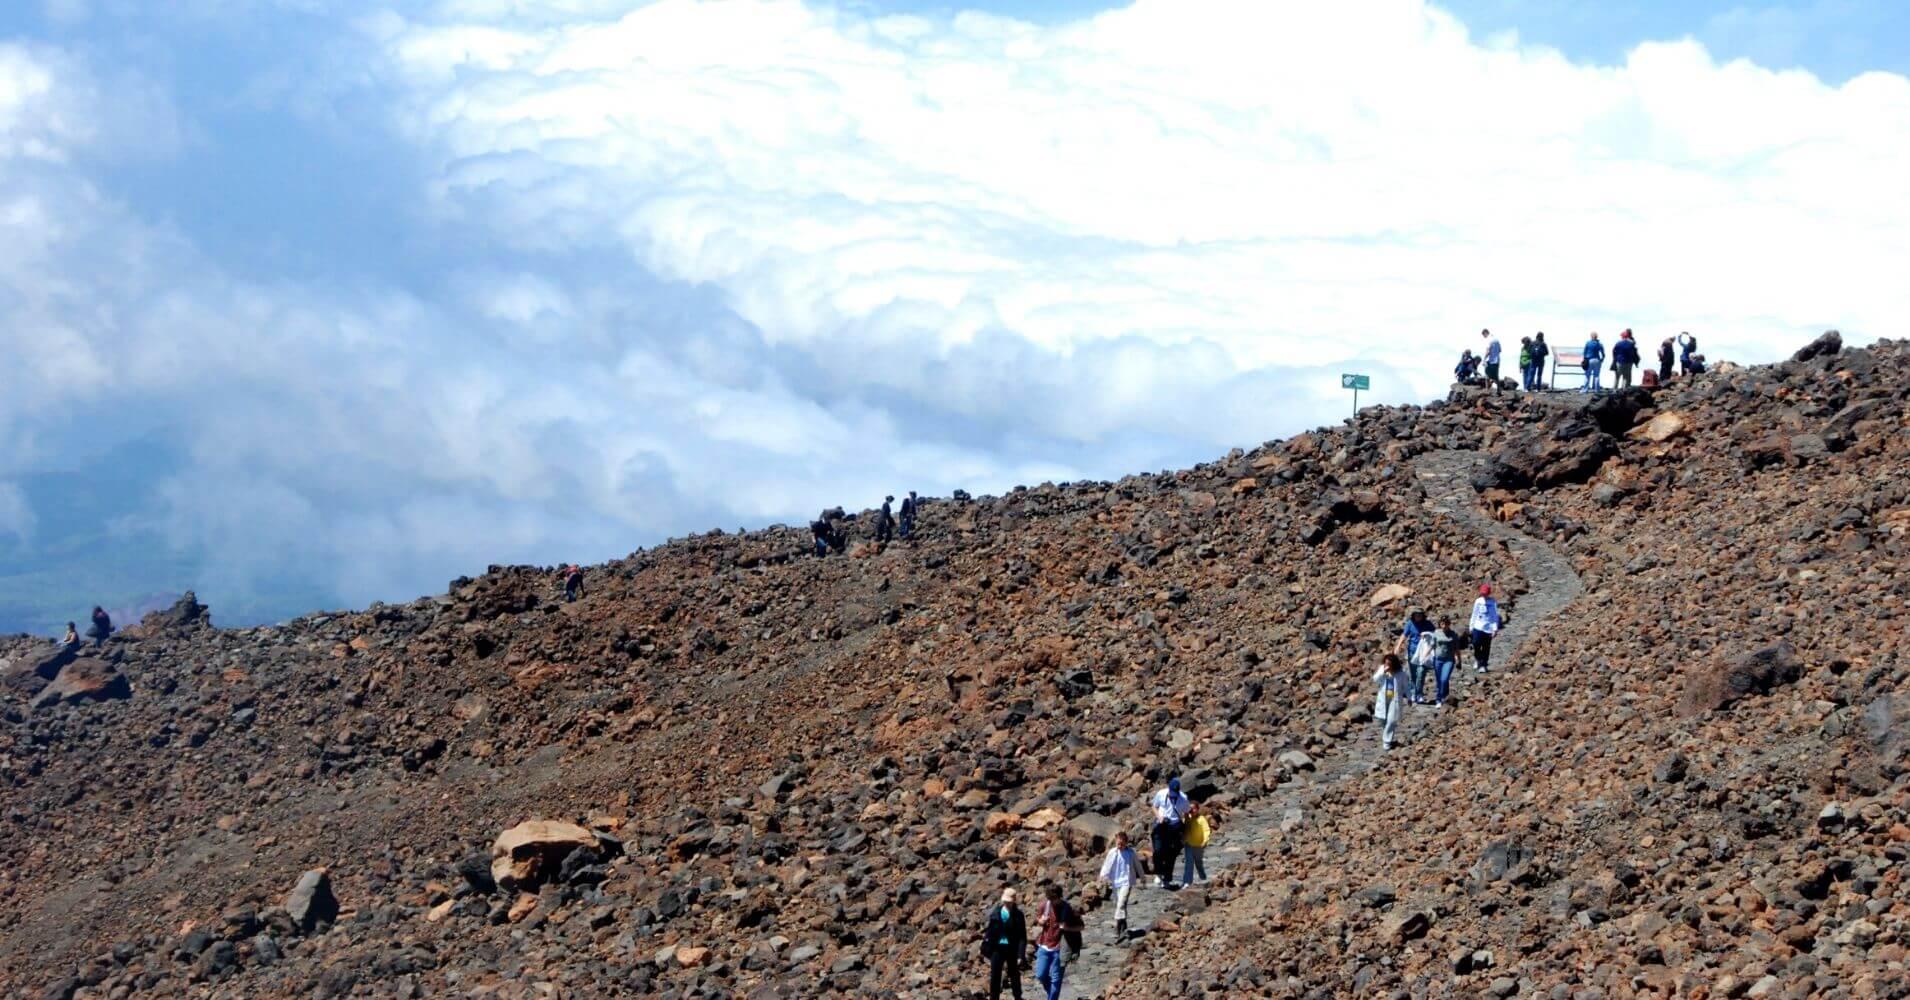 Parque Nacional de las Cañadas del Teide. Isla de Tenerife. Islas Canarias.